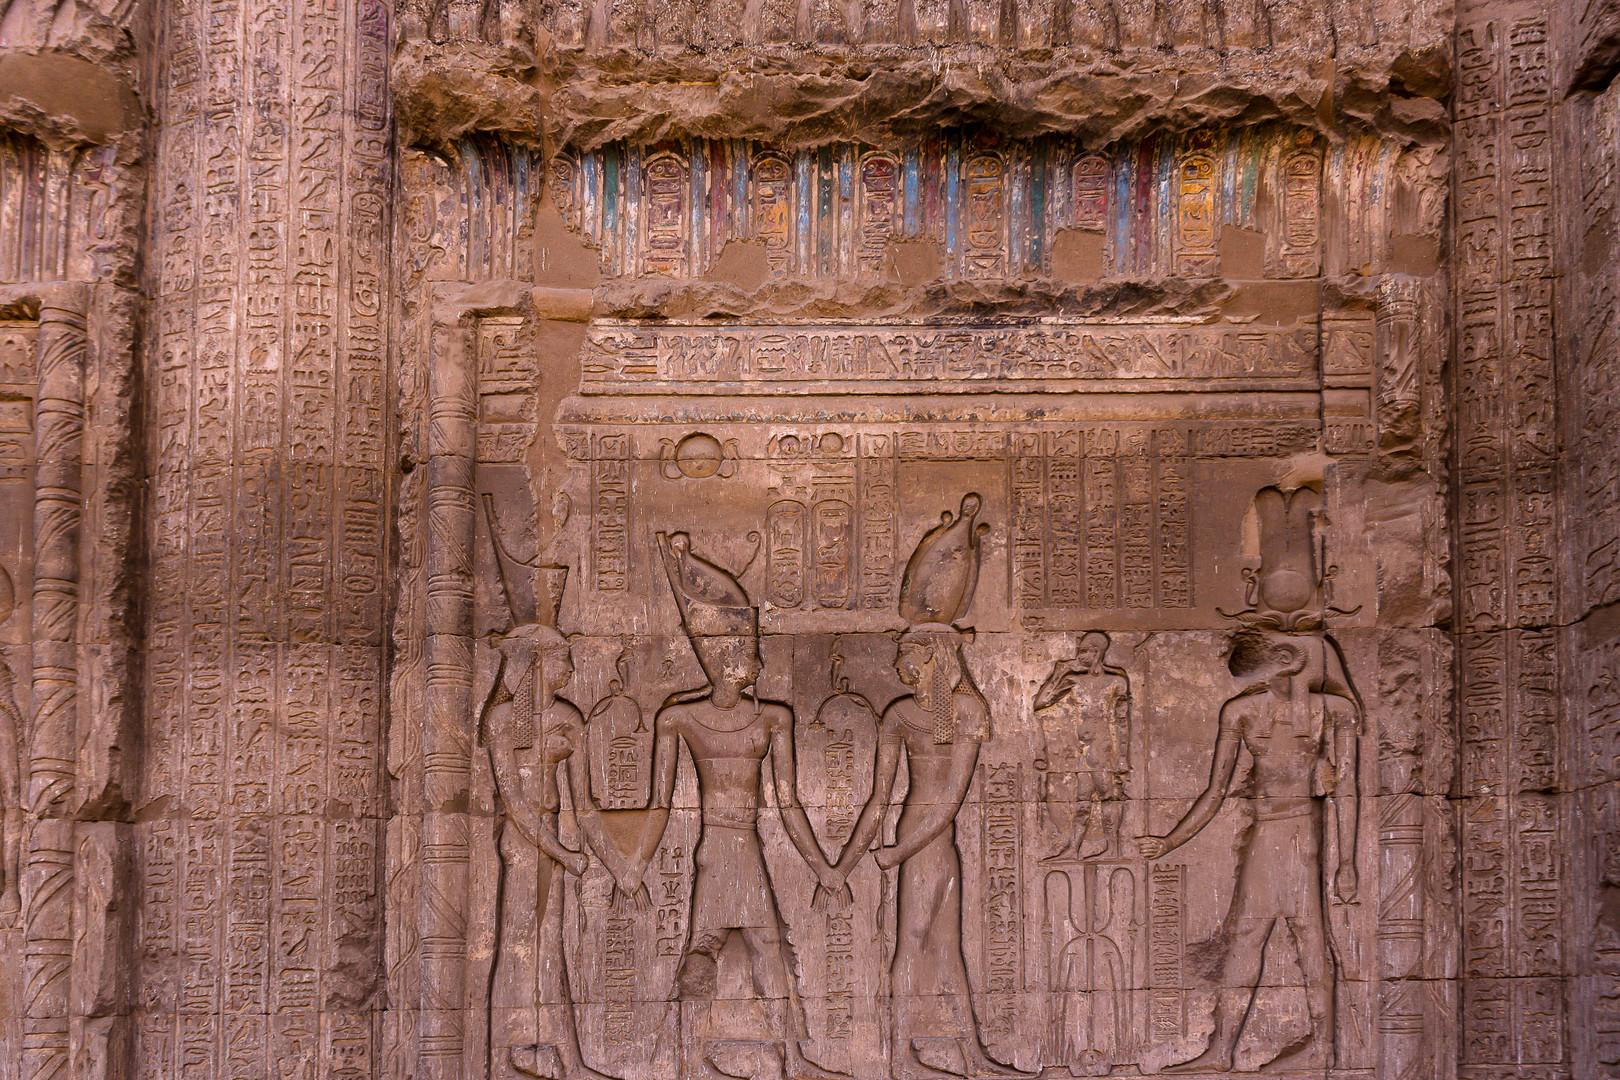 die ägyptischen götter wadjet und nechbet führen den römischen kaier tiberius zum gott chnum